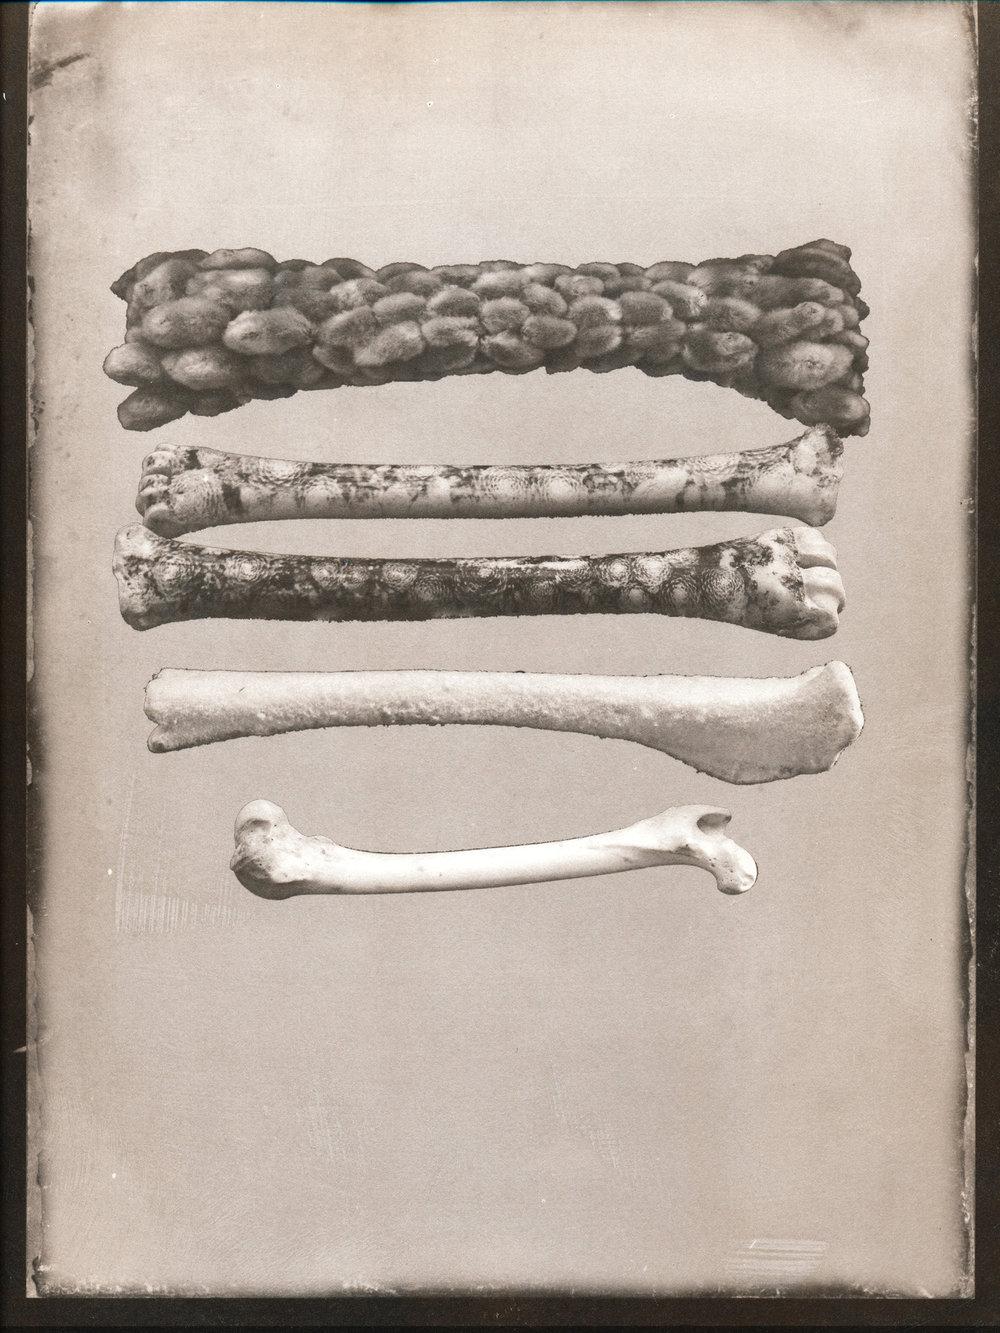 Willow Bones